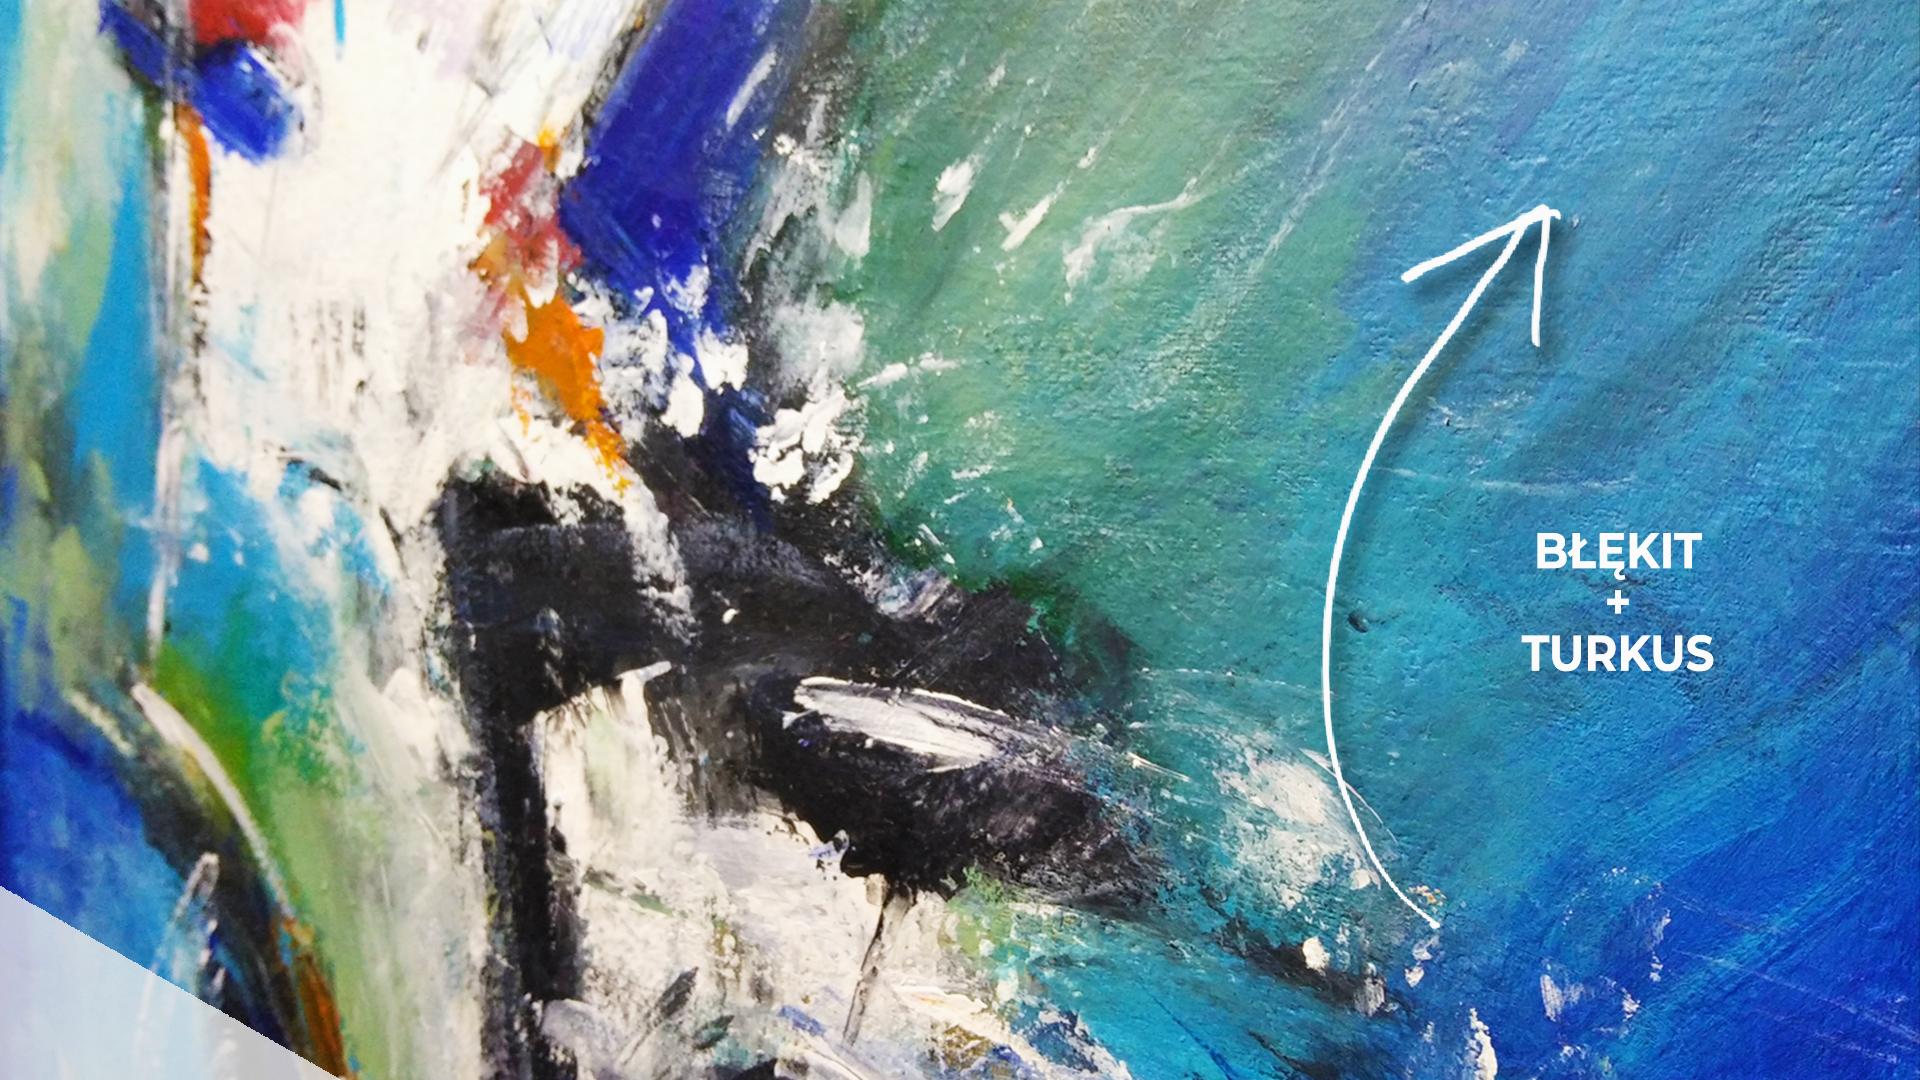 Obraz akrylowy abstrakcyjny z bliska. Obraz z detalem kolorystycznym. Obraz na sprzedaż detal drugi